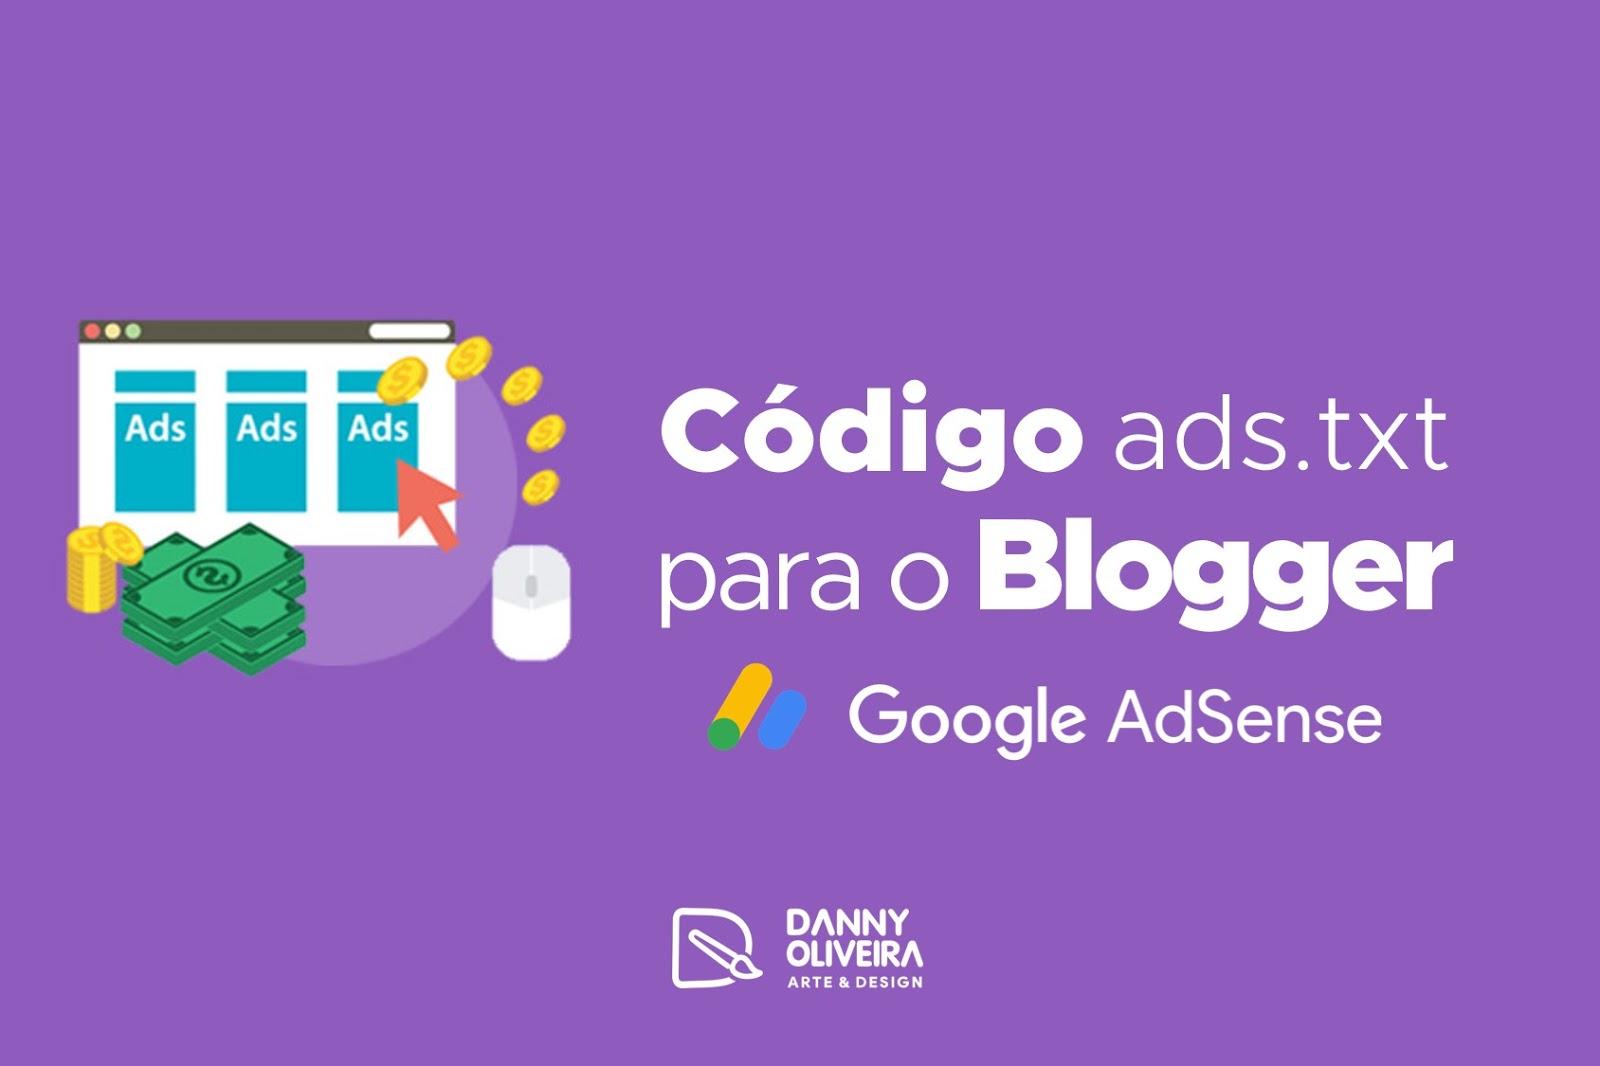 Como adicionar código ads.txt do Google AdSense ao Blogger